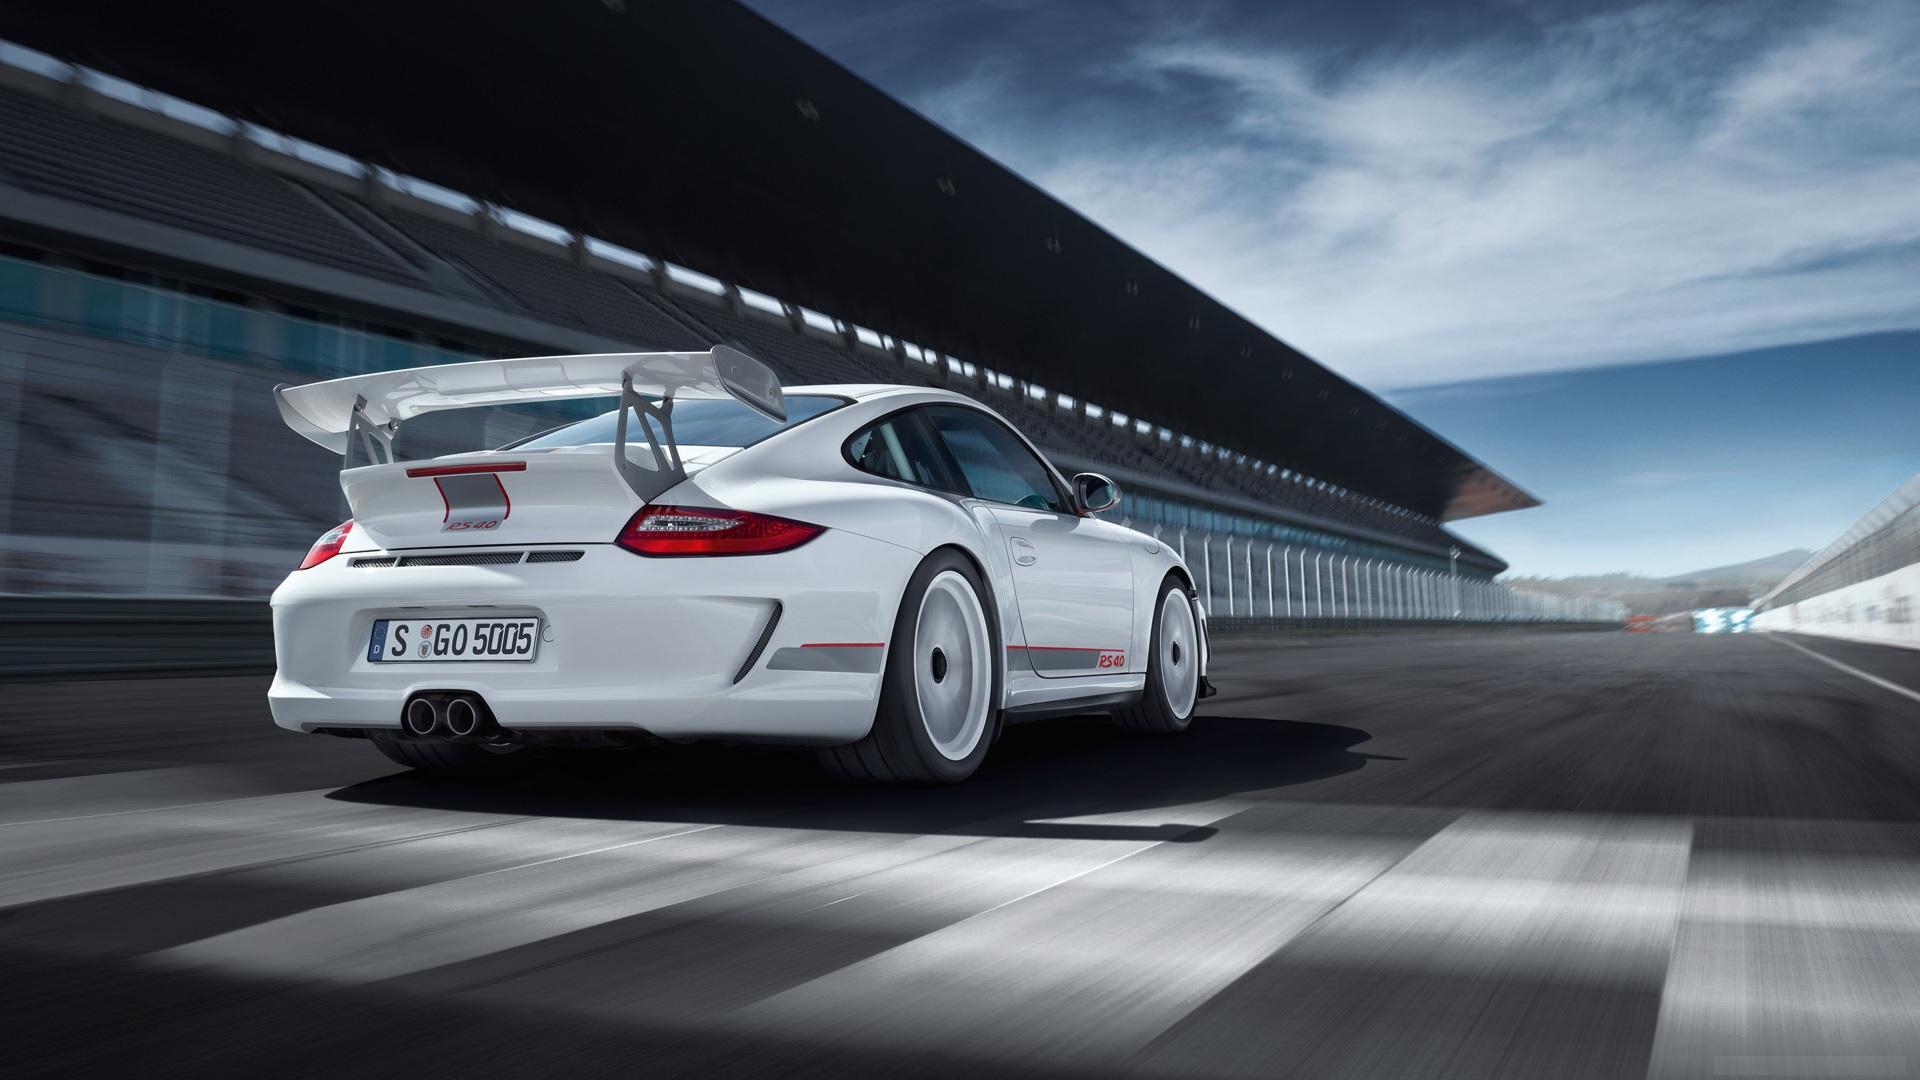 Porsche 911 Car Background